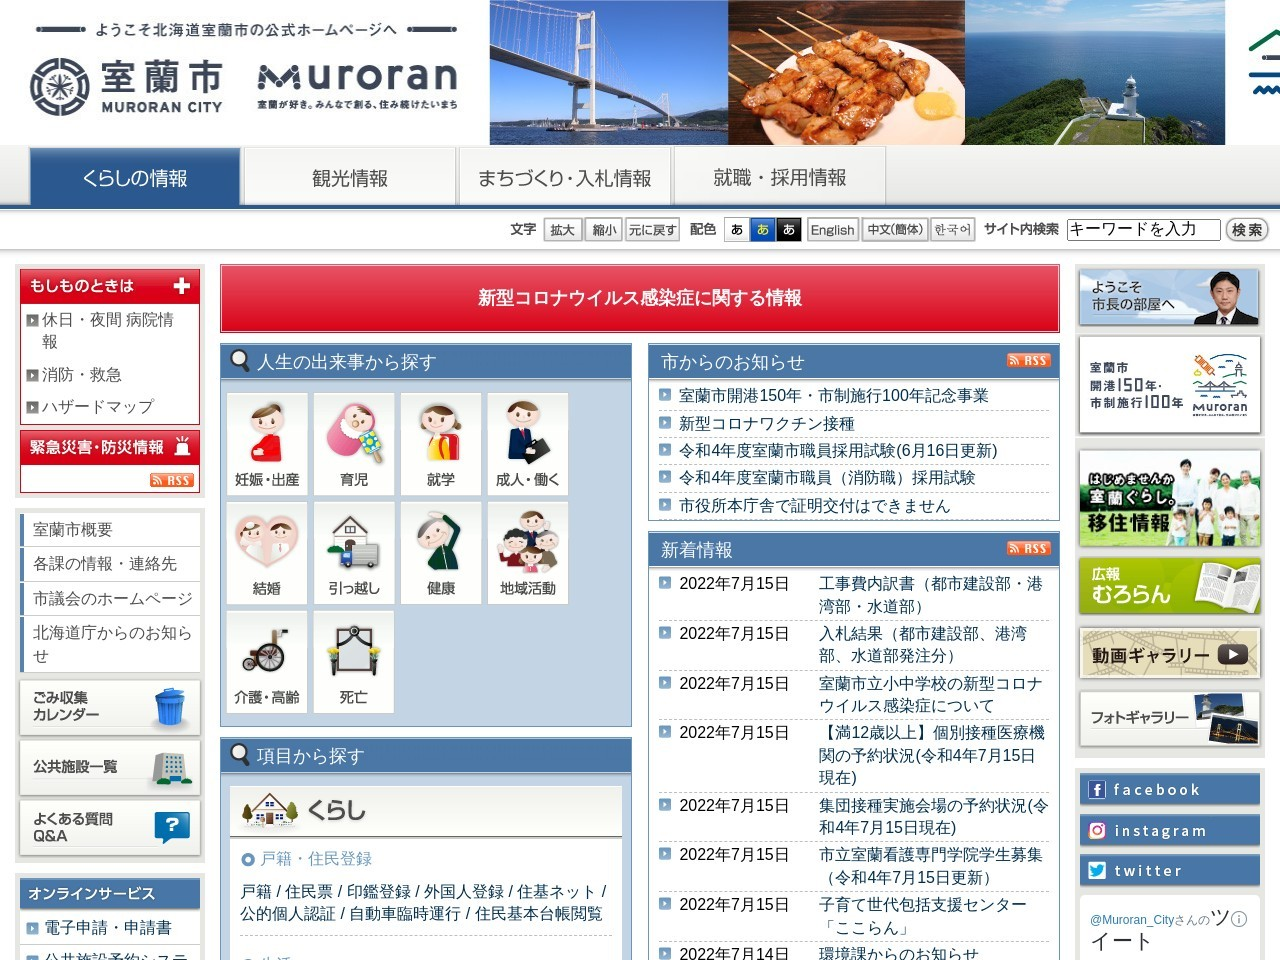 http://www.city.muroran.lg.jp/main/org6240/h2supplychain_jissho.html